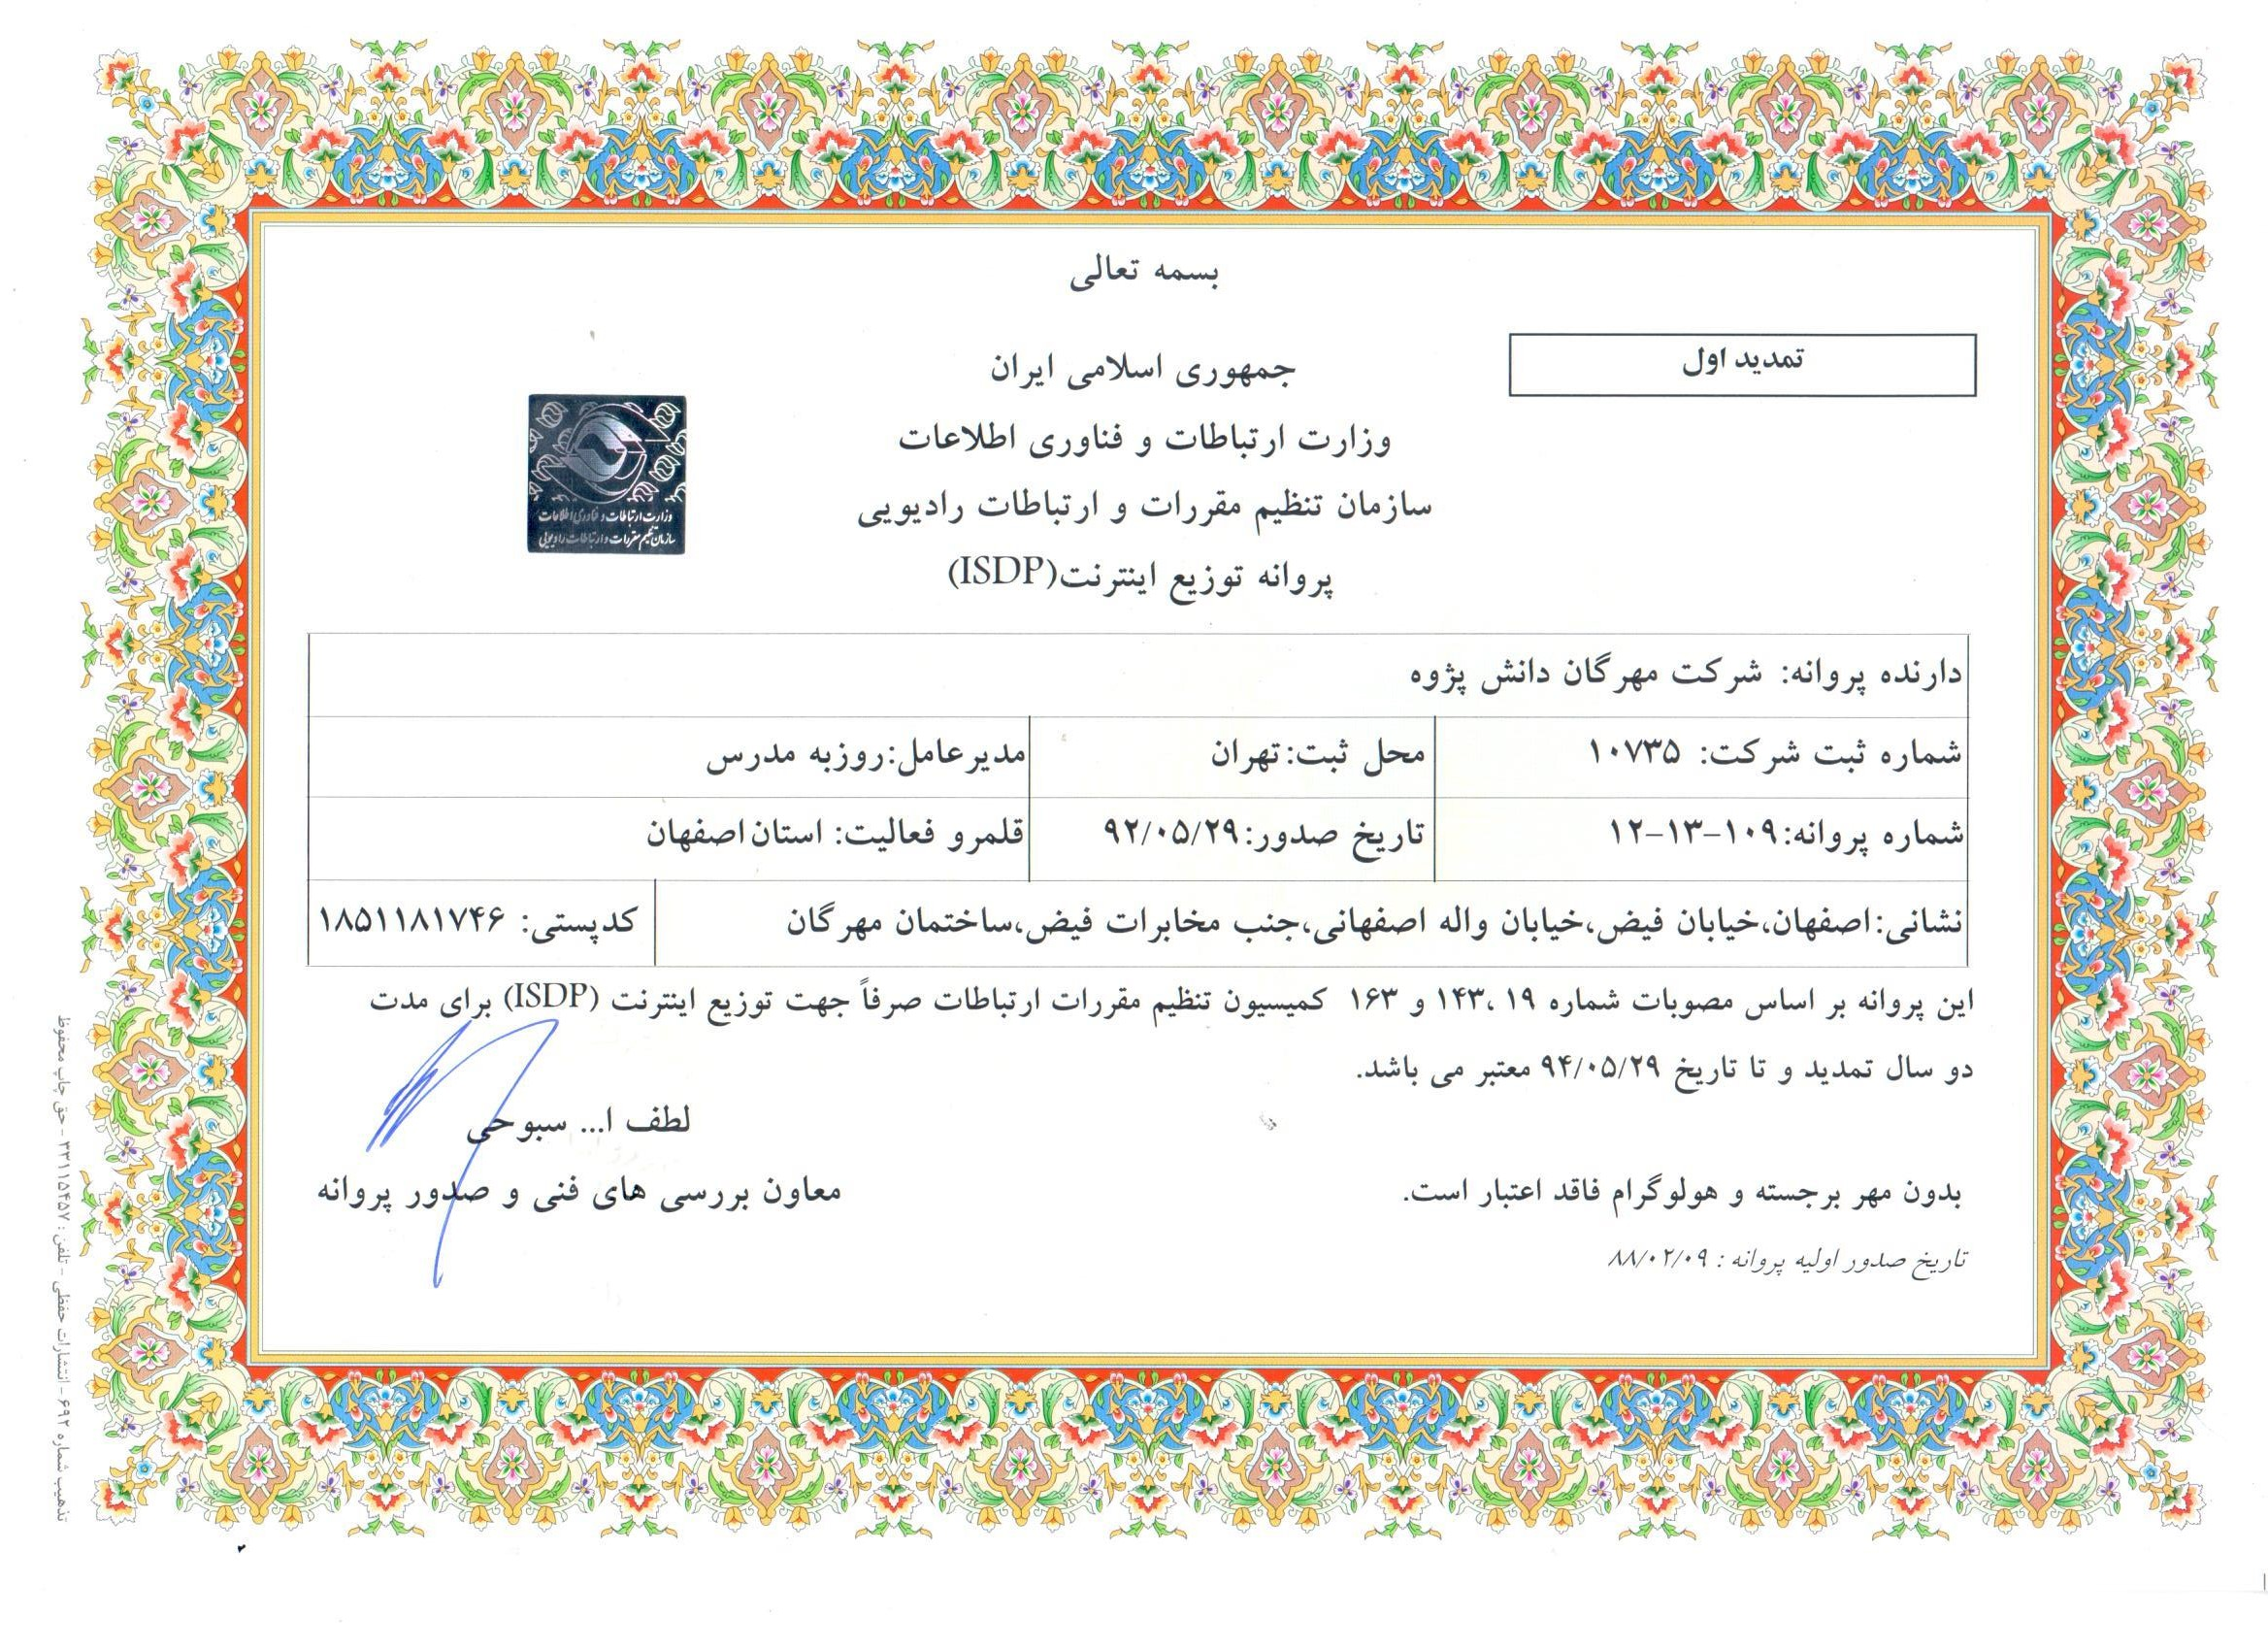 پروانه ISDP در استان اصفهان